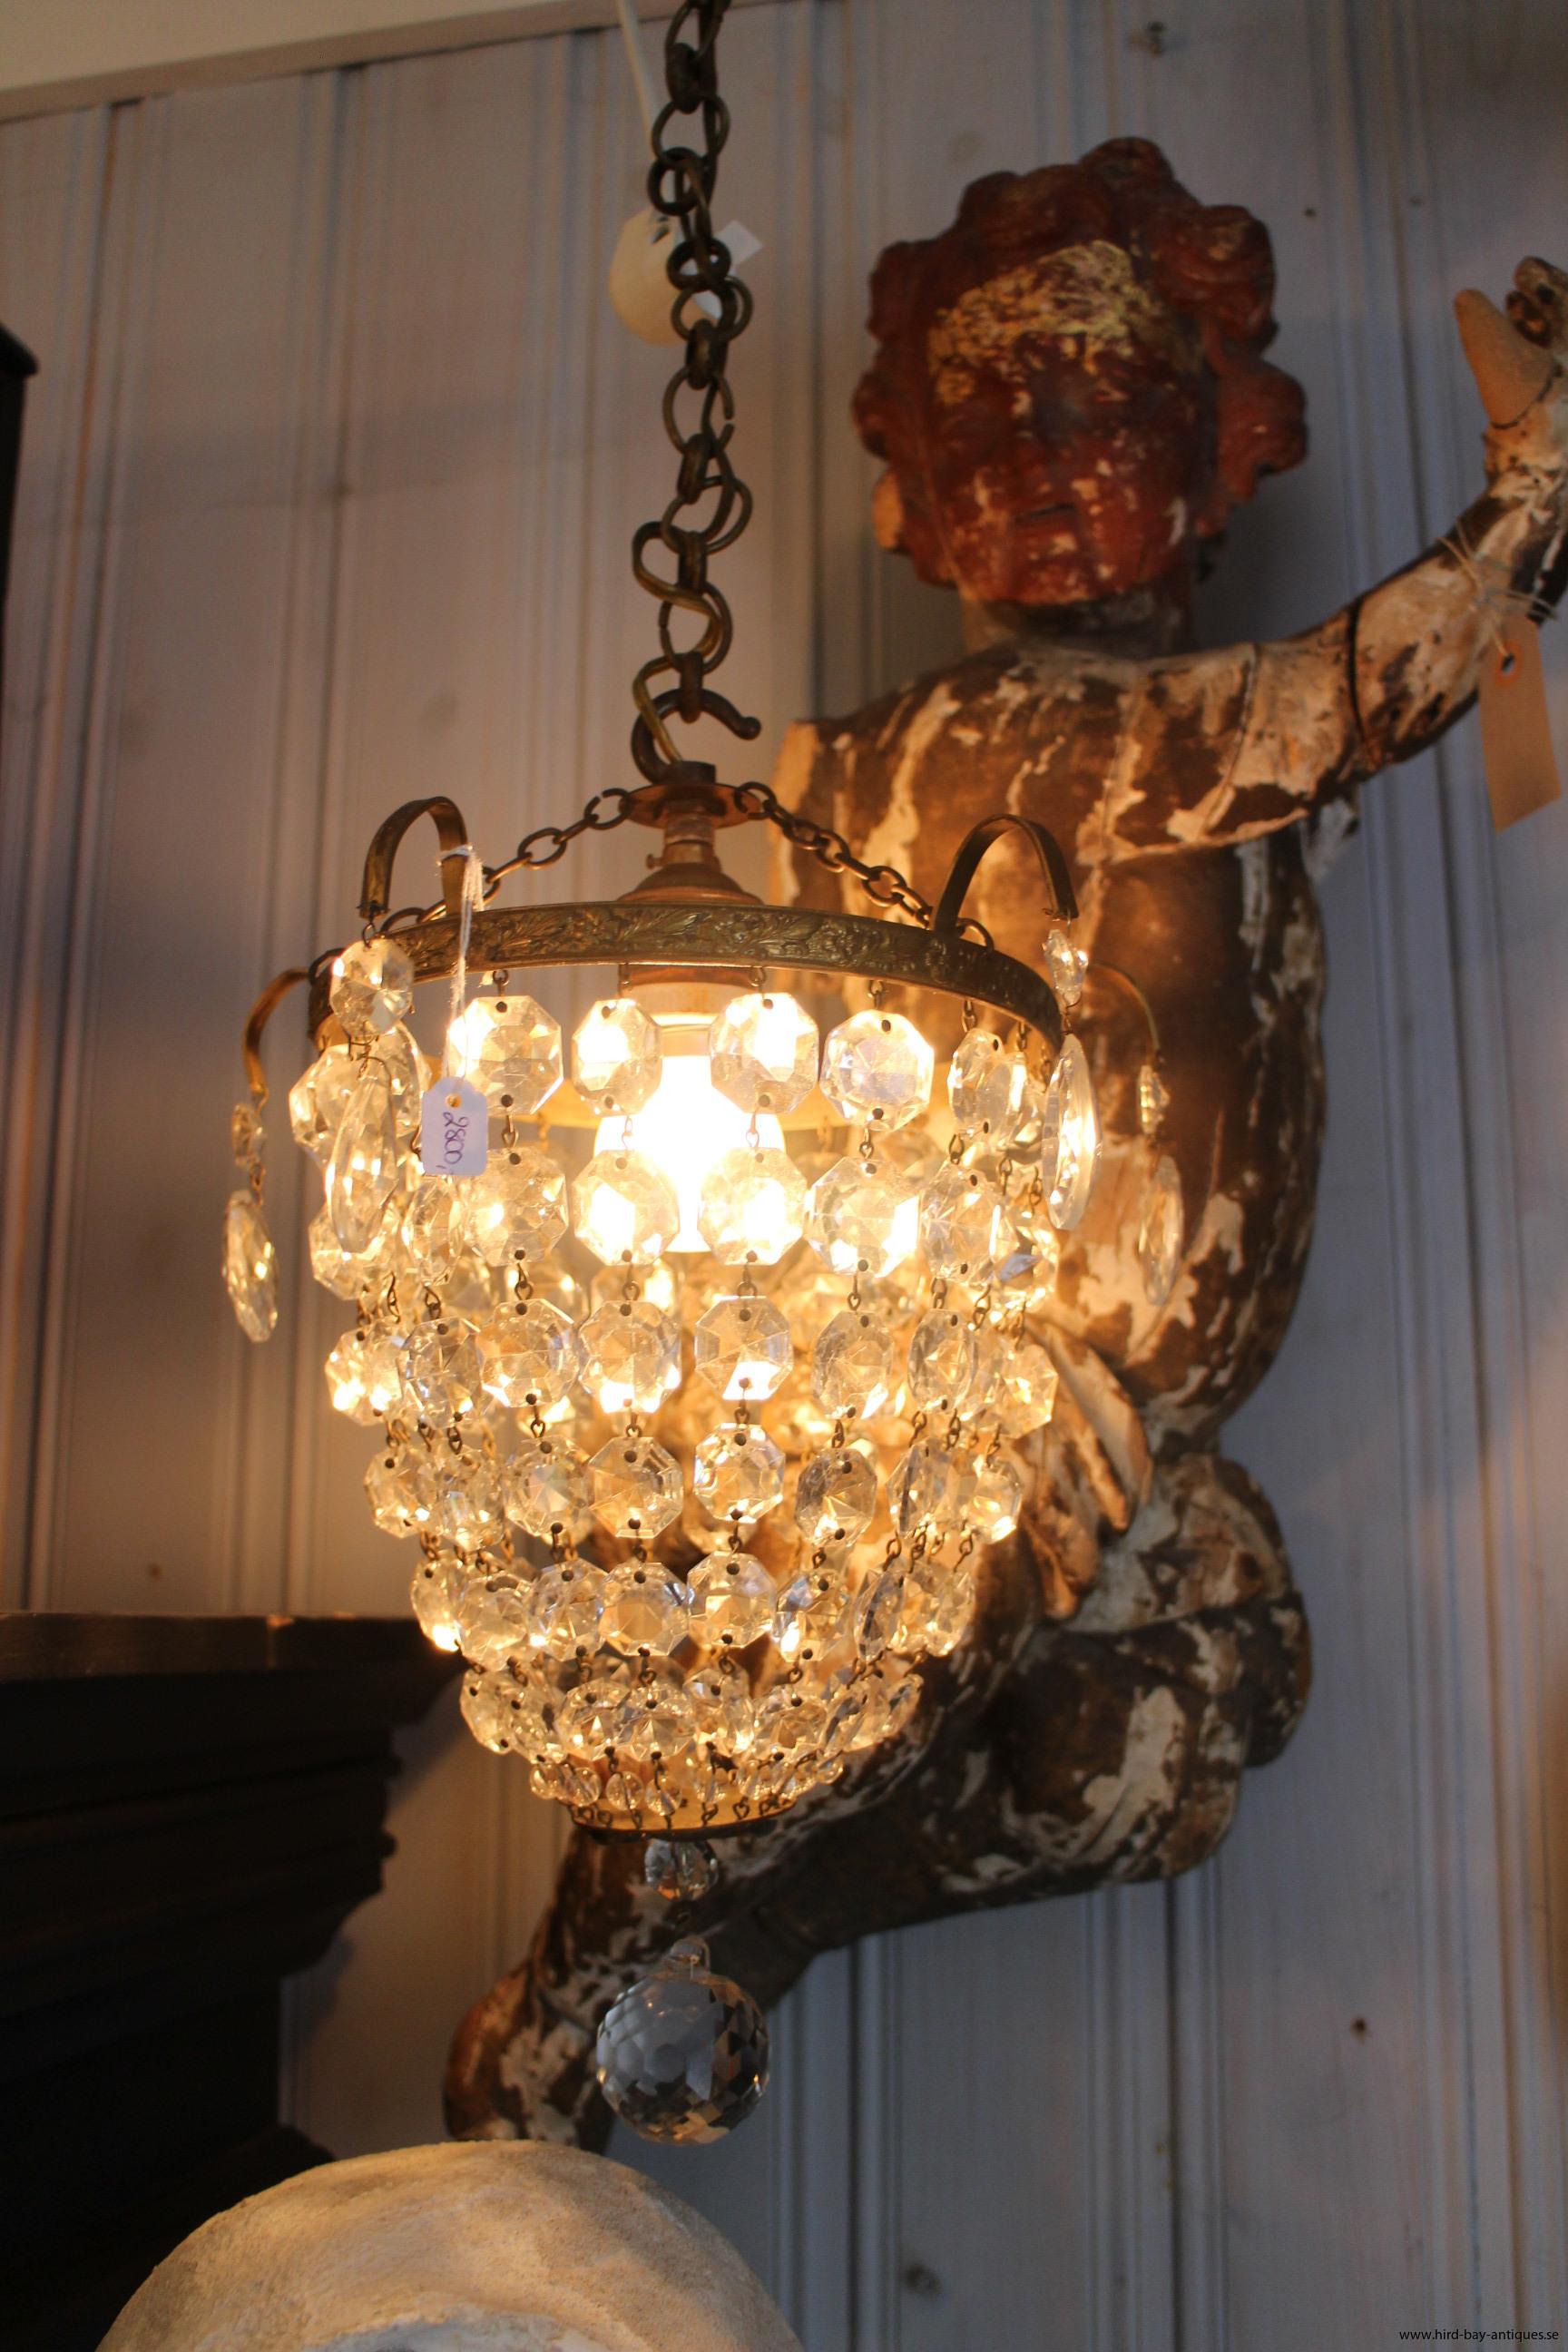 fransk prisme ljuskrona nätt antik gammal